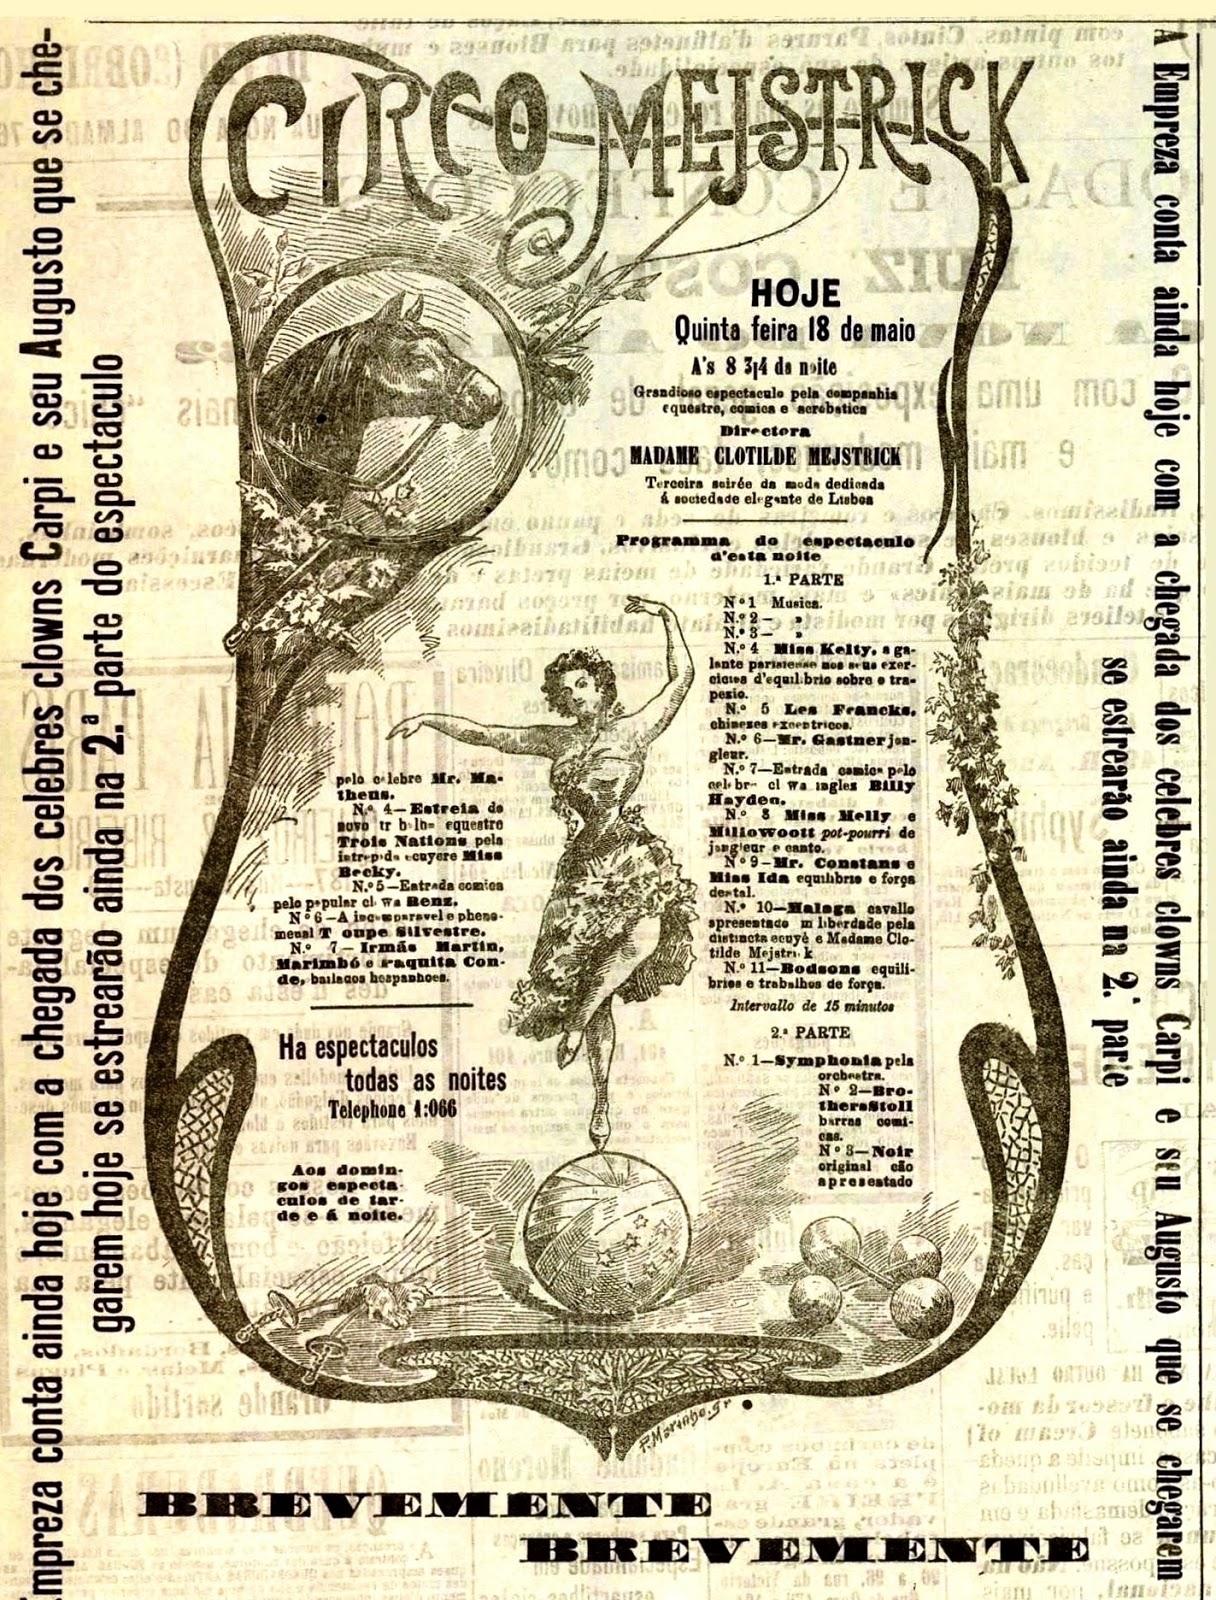 [1905-Circo-Majstrick-18-05.14]